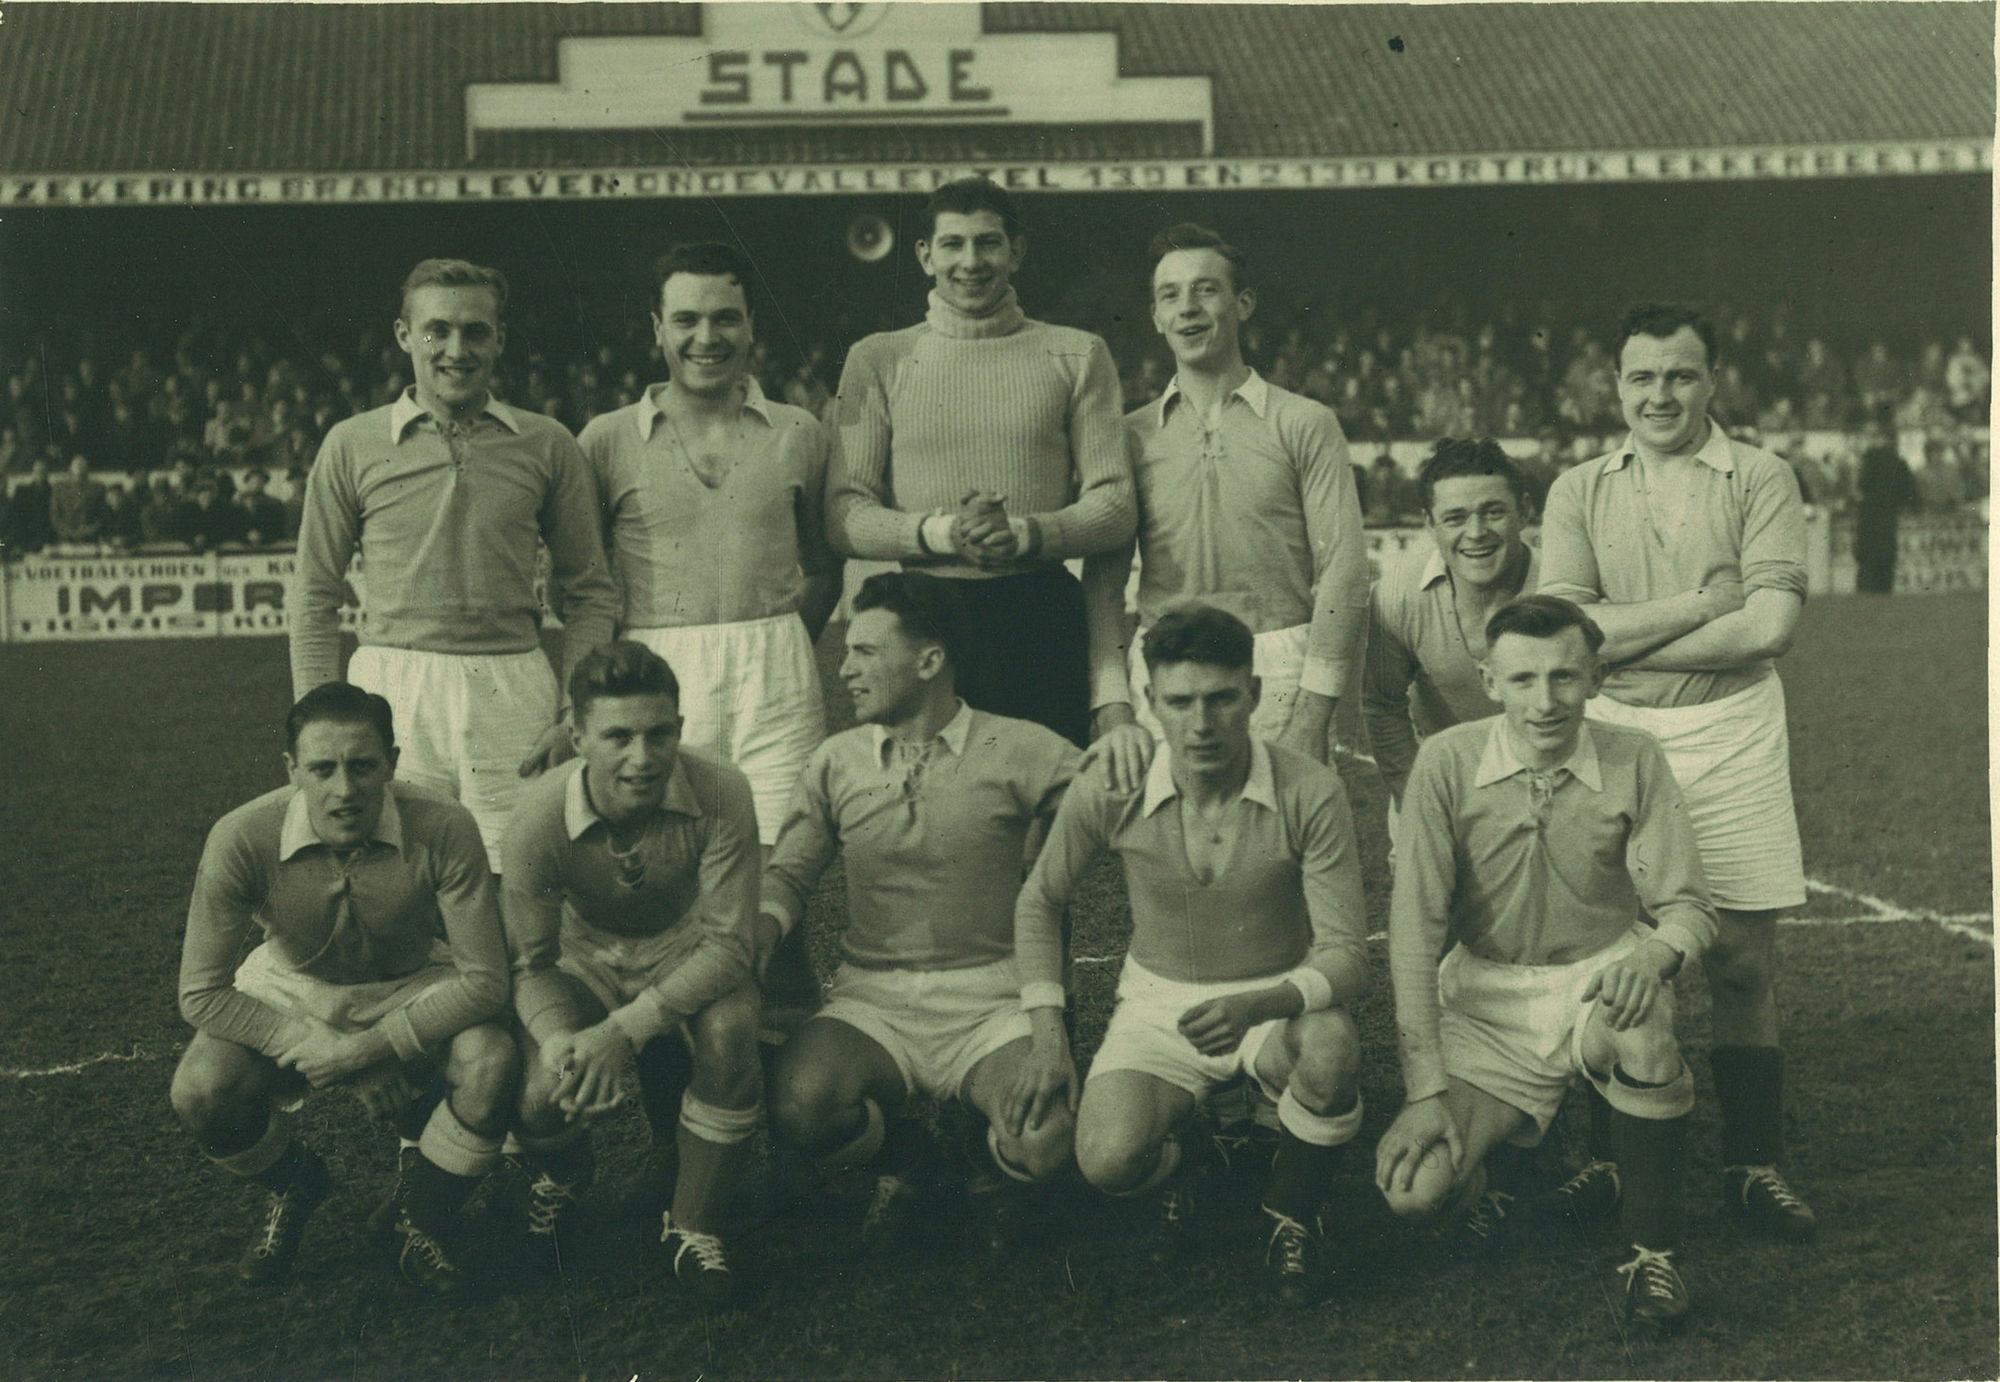 Stade Kortrijk in 1947